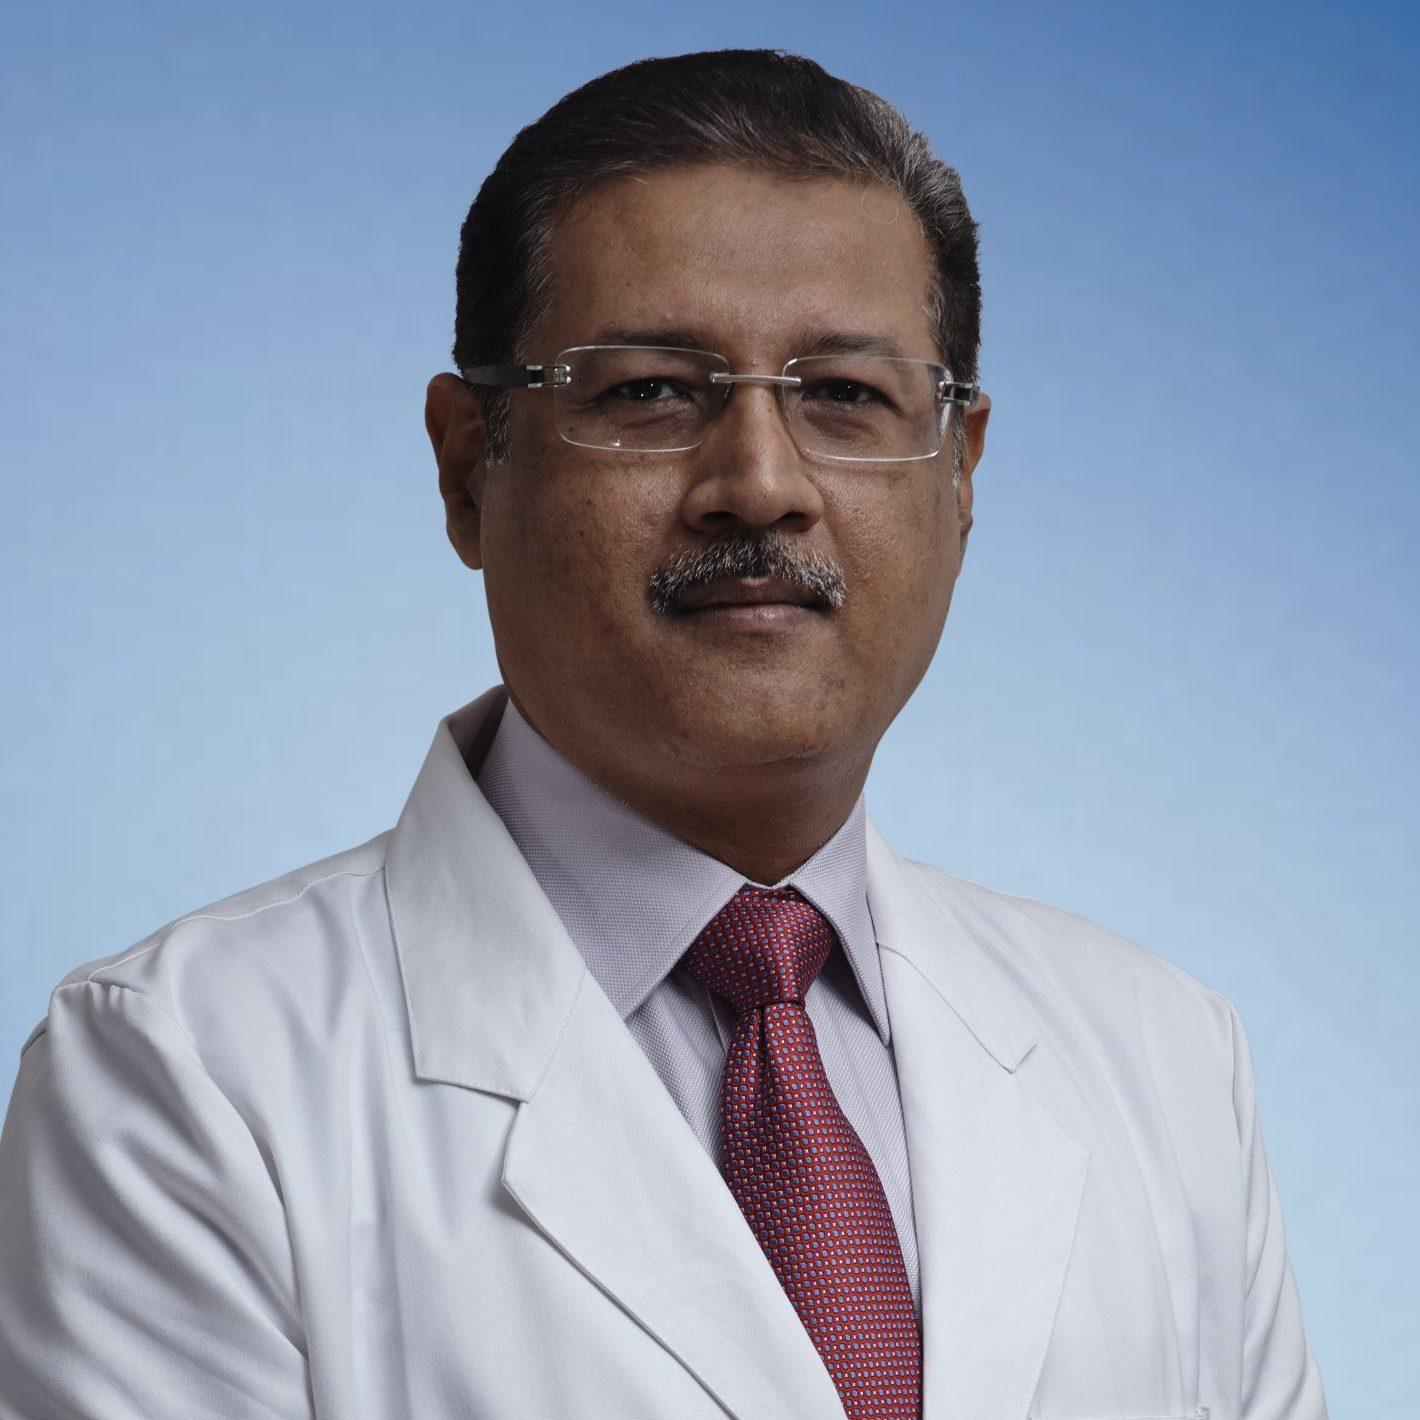 Randeep Wadhawan, MD, FACS